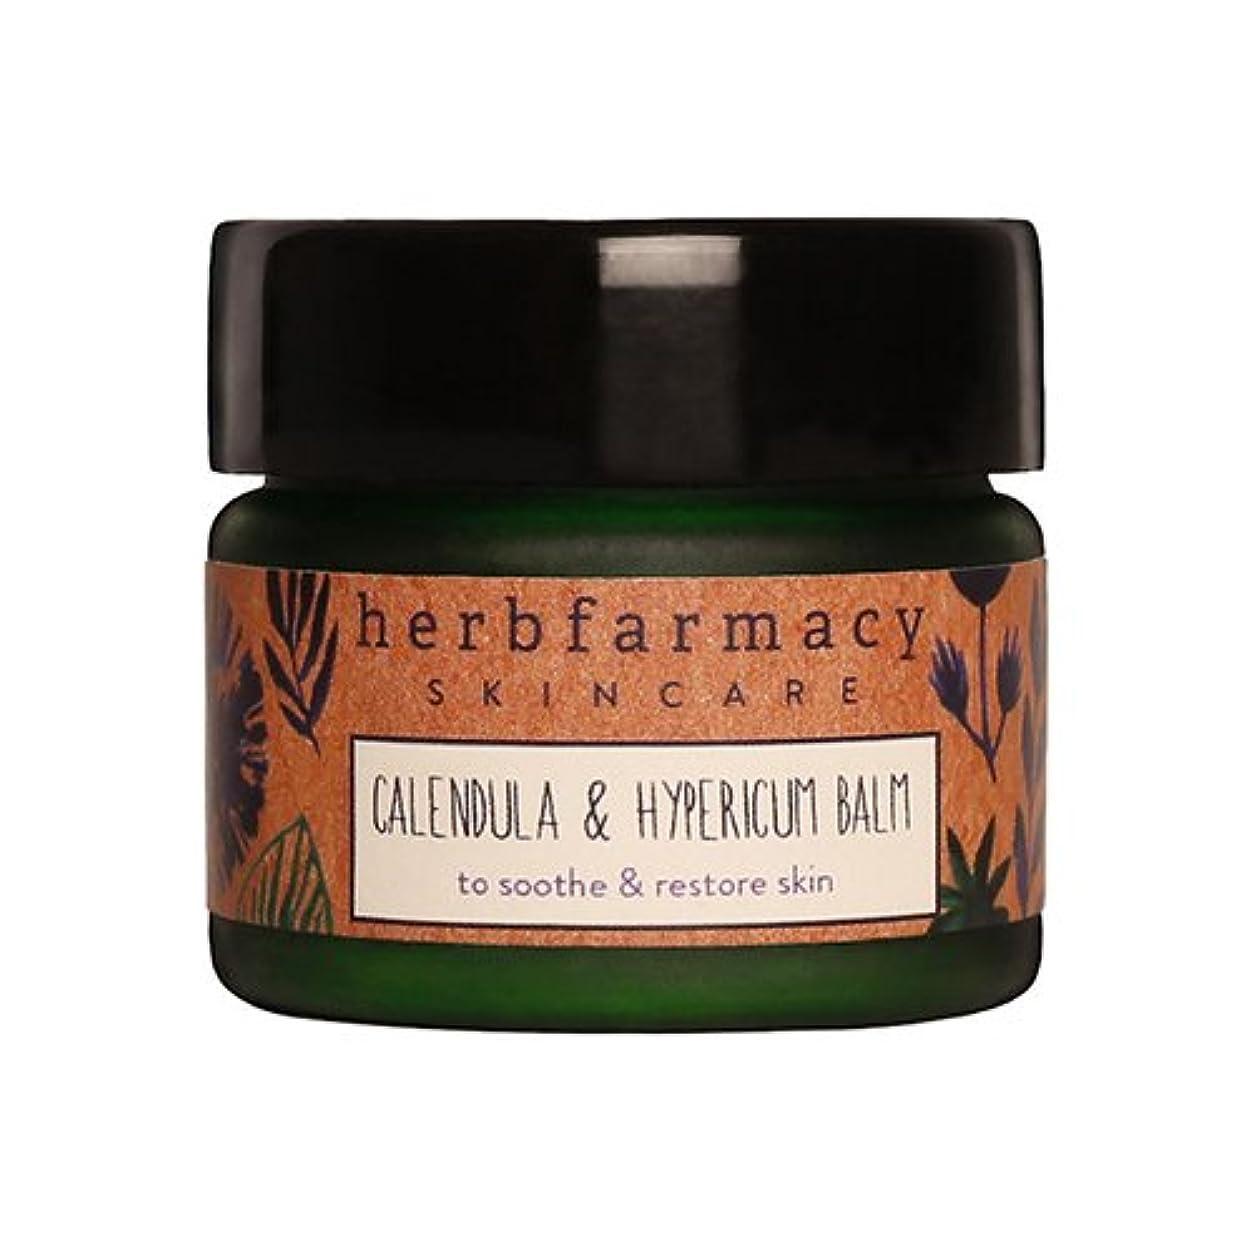 かりて項目神経衰弱ハーブファーマシー (herbfarmacy) カーミング バーム 〈フェイスバーム〉 (20mL)